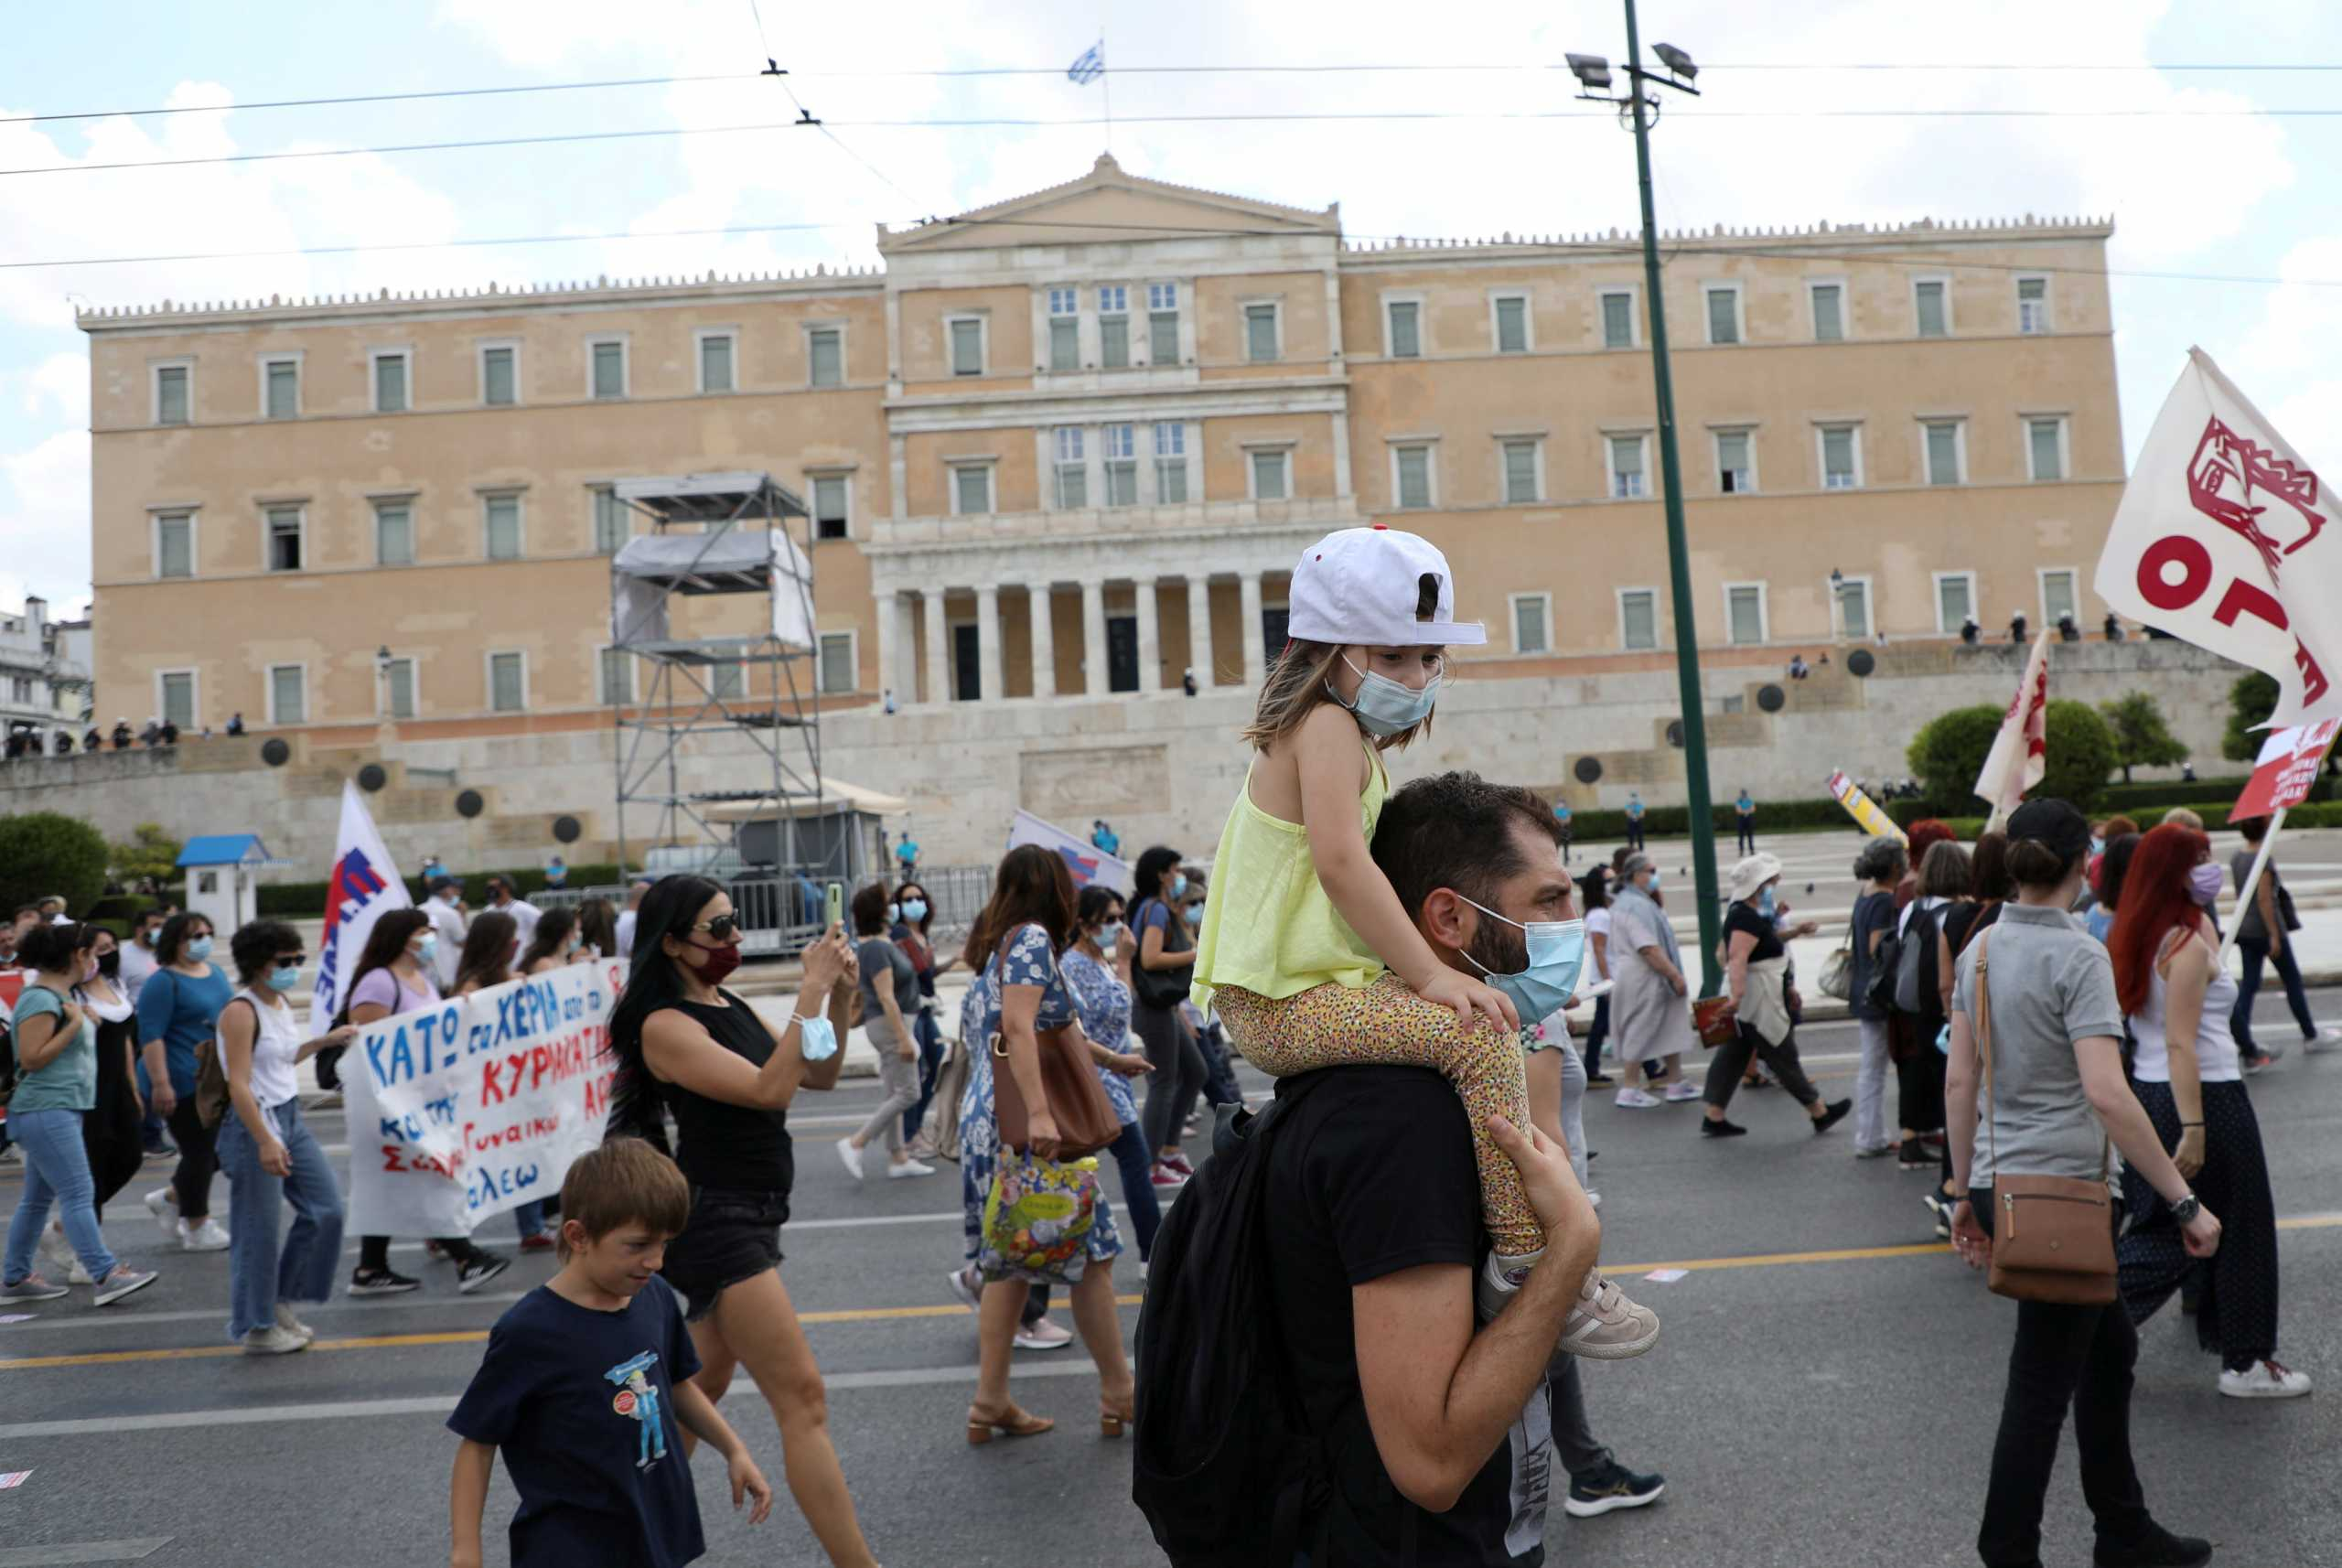 Απεργία: Συγκεντρώσεις για το εργασιακό νομοσχέδιο – Χιλιάδες στους δρόμους, κλειστό το κέντρο